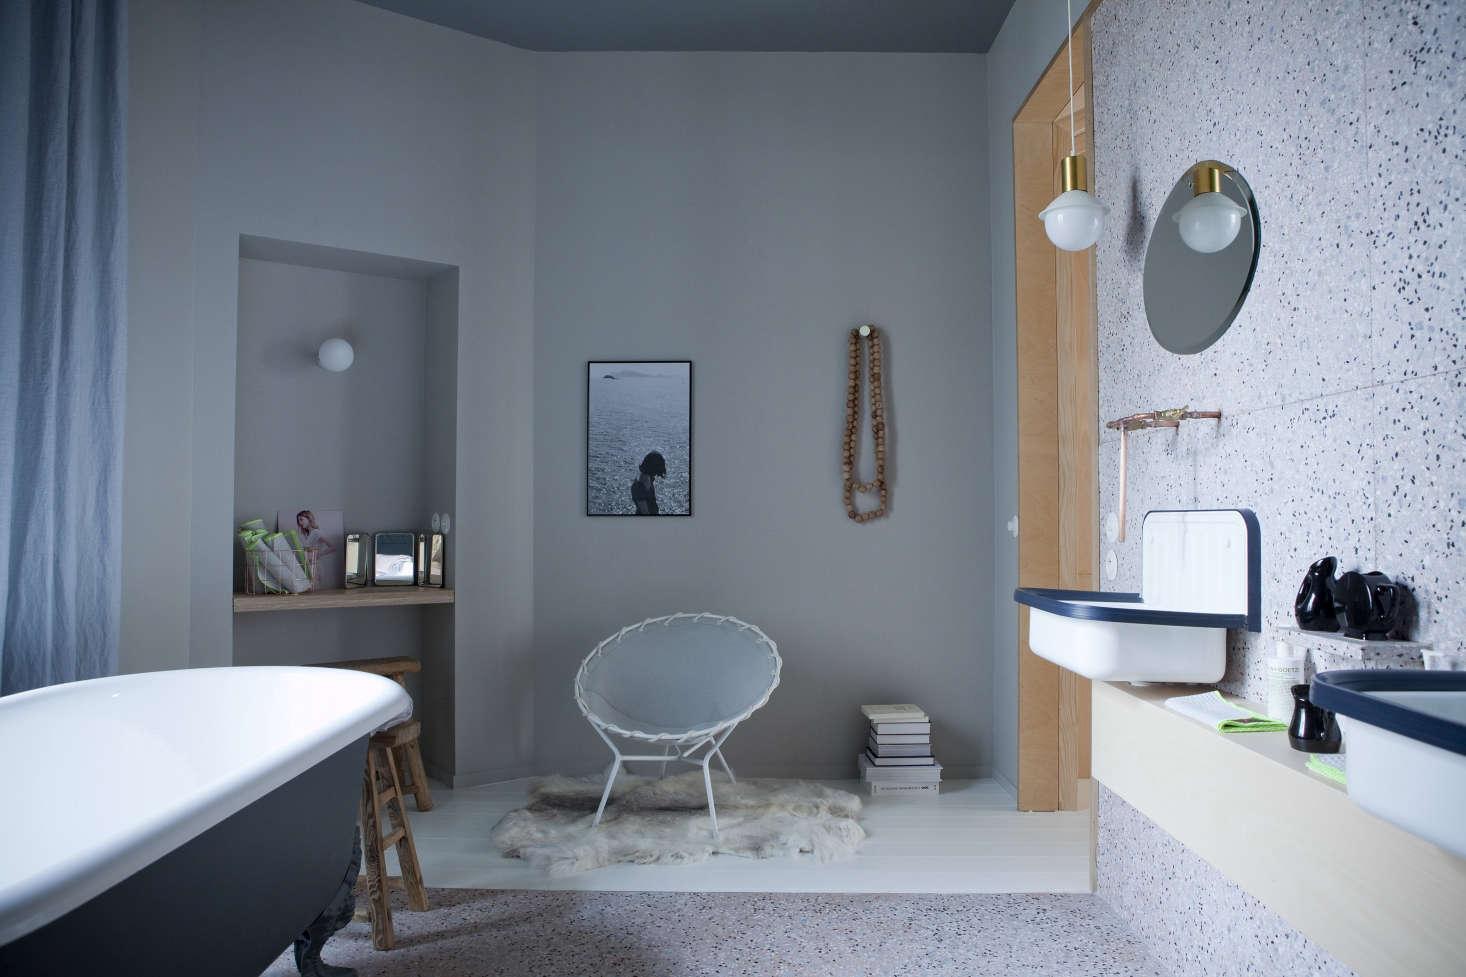 Chez-Marie-Sixtine-Paris-Remodelista-Julie-Ansiau-photo-16A